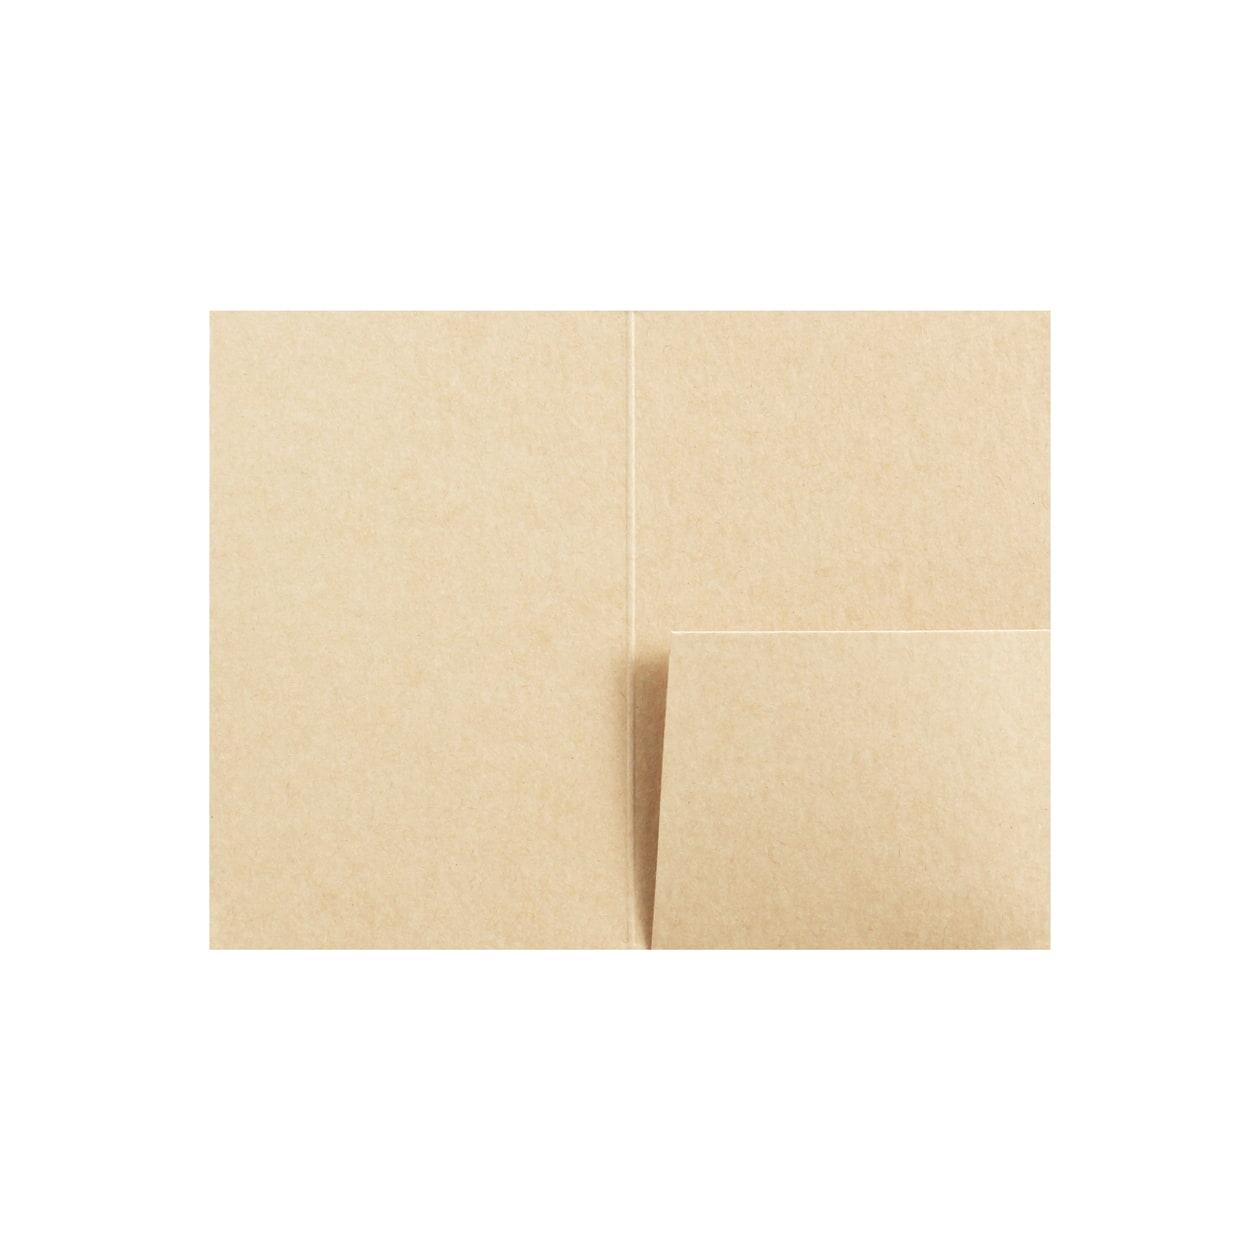 カードフォルダー 1ポケット HAGURUMA Basic ウッドブラウン 260g